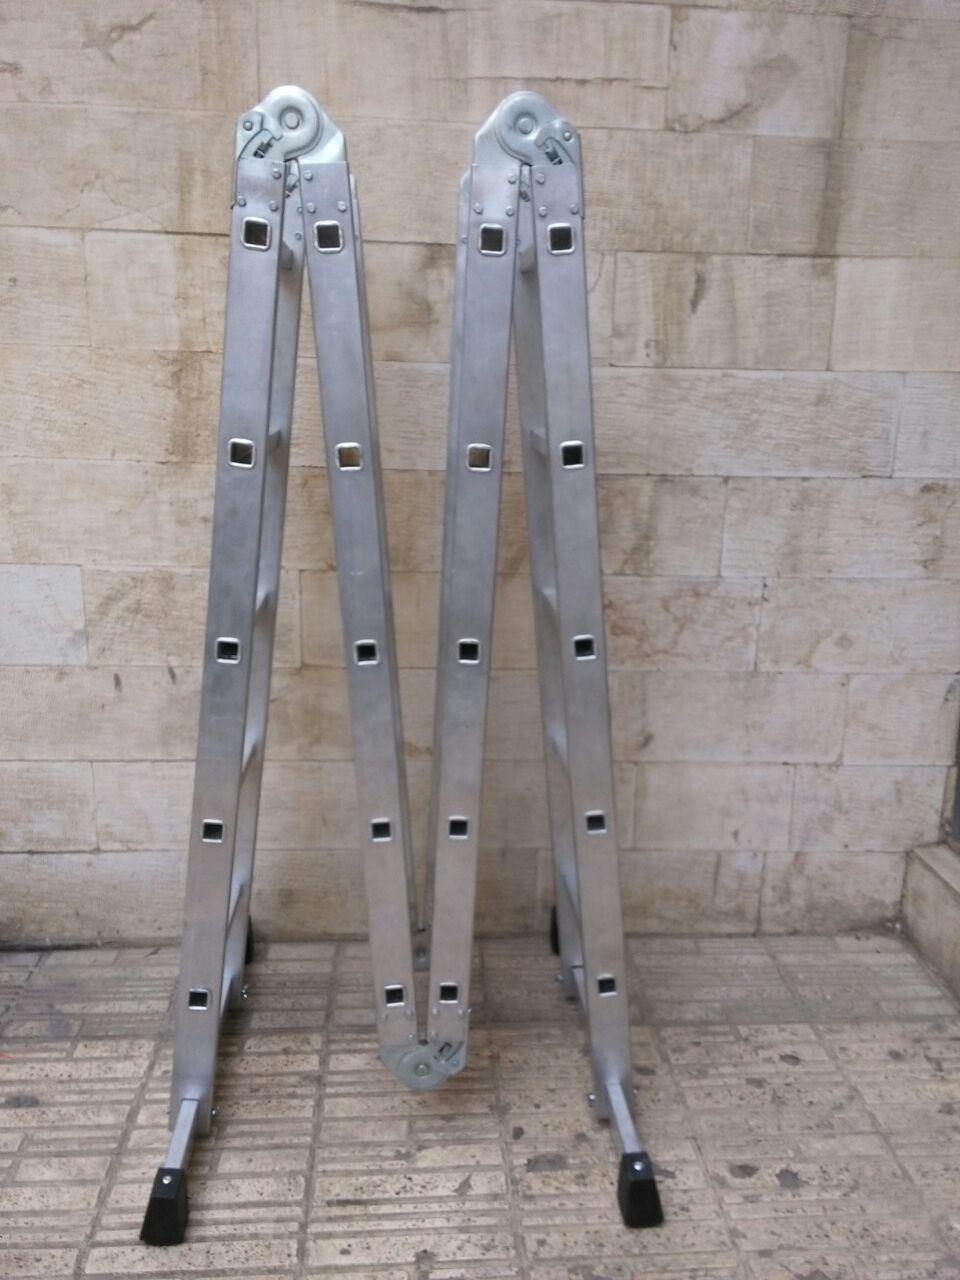 نردبان تاشو / نردبان آلومینیومی / فروش نردبان / تعمیر نردبان